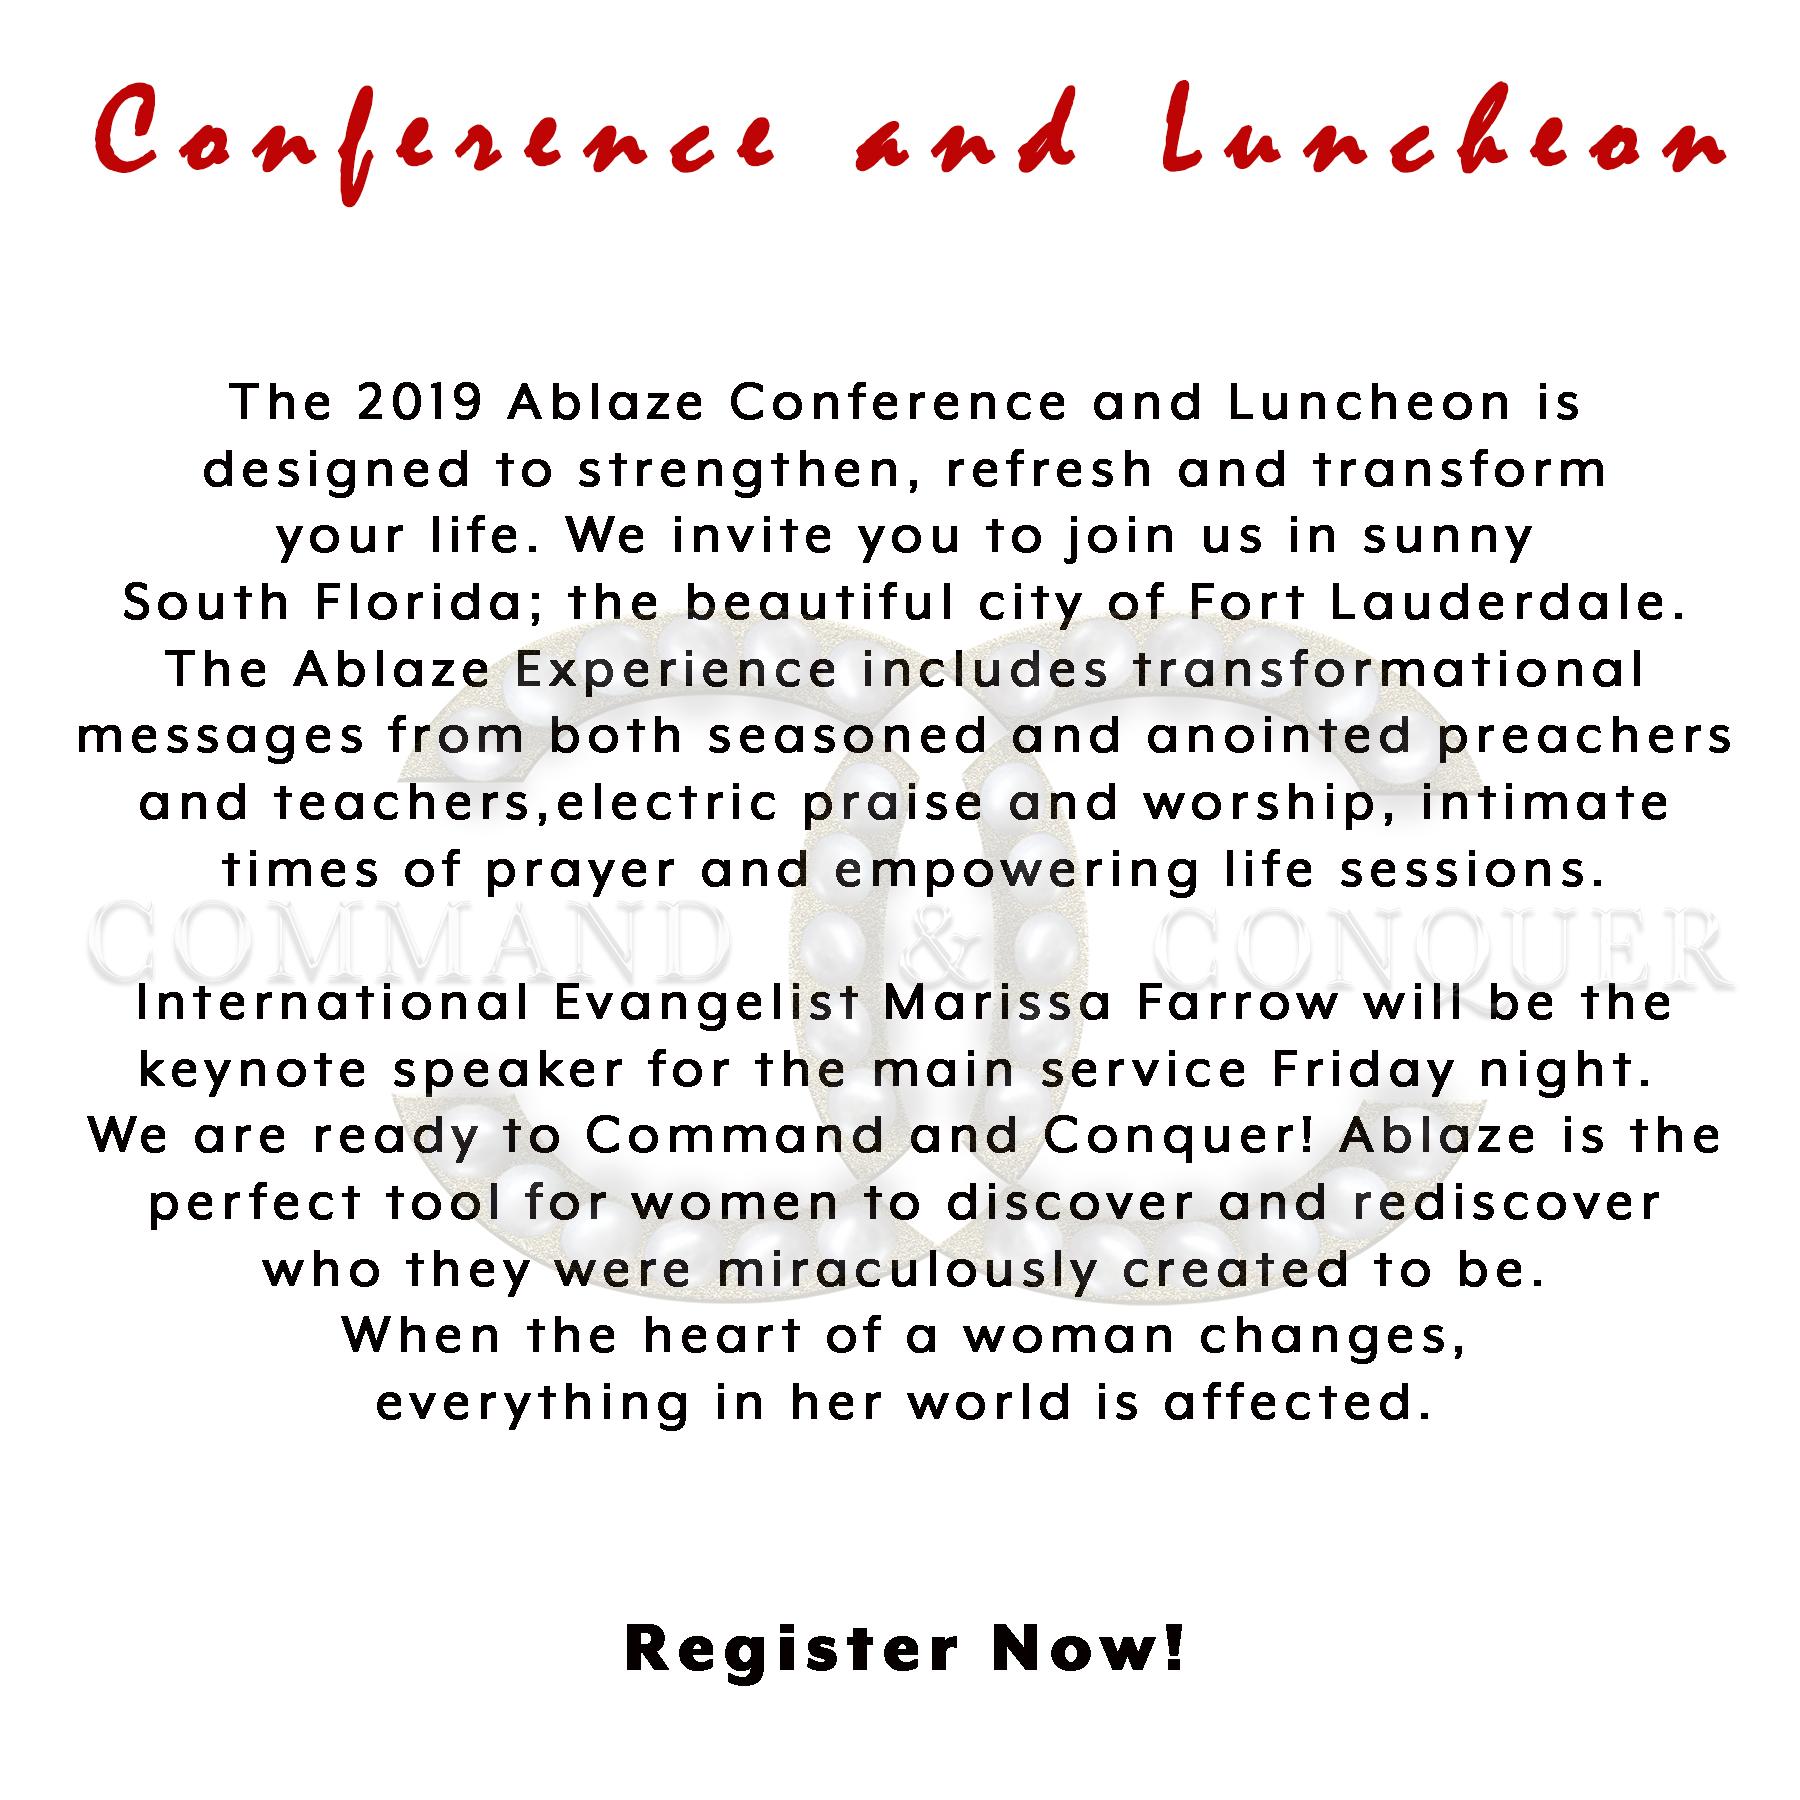 conference letter revised2.jpg